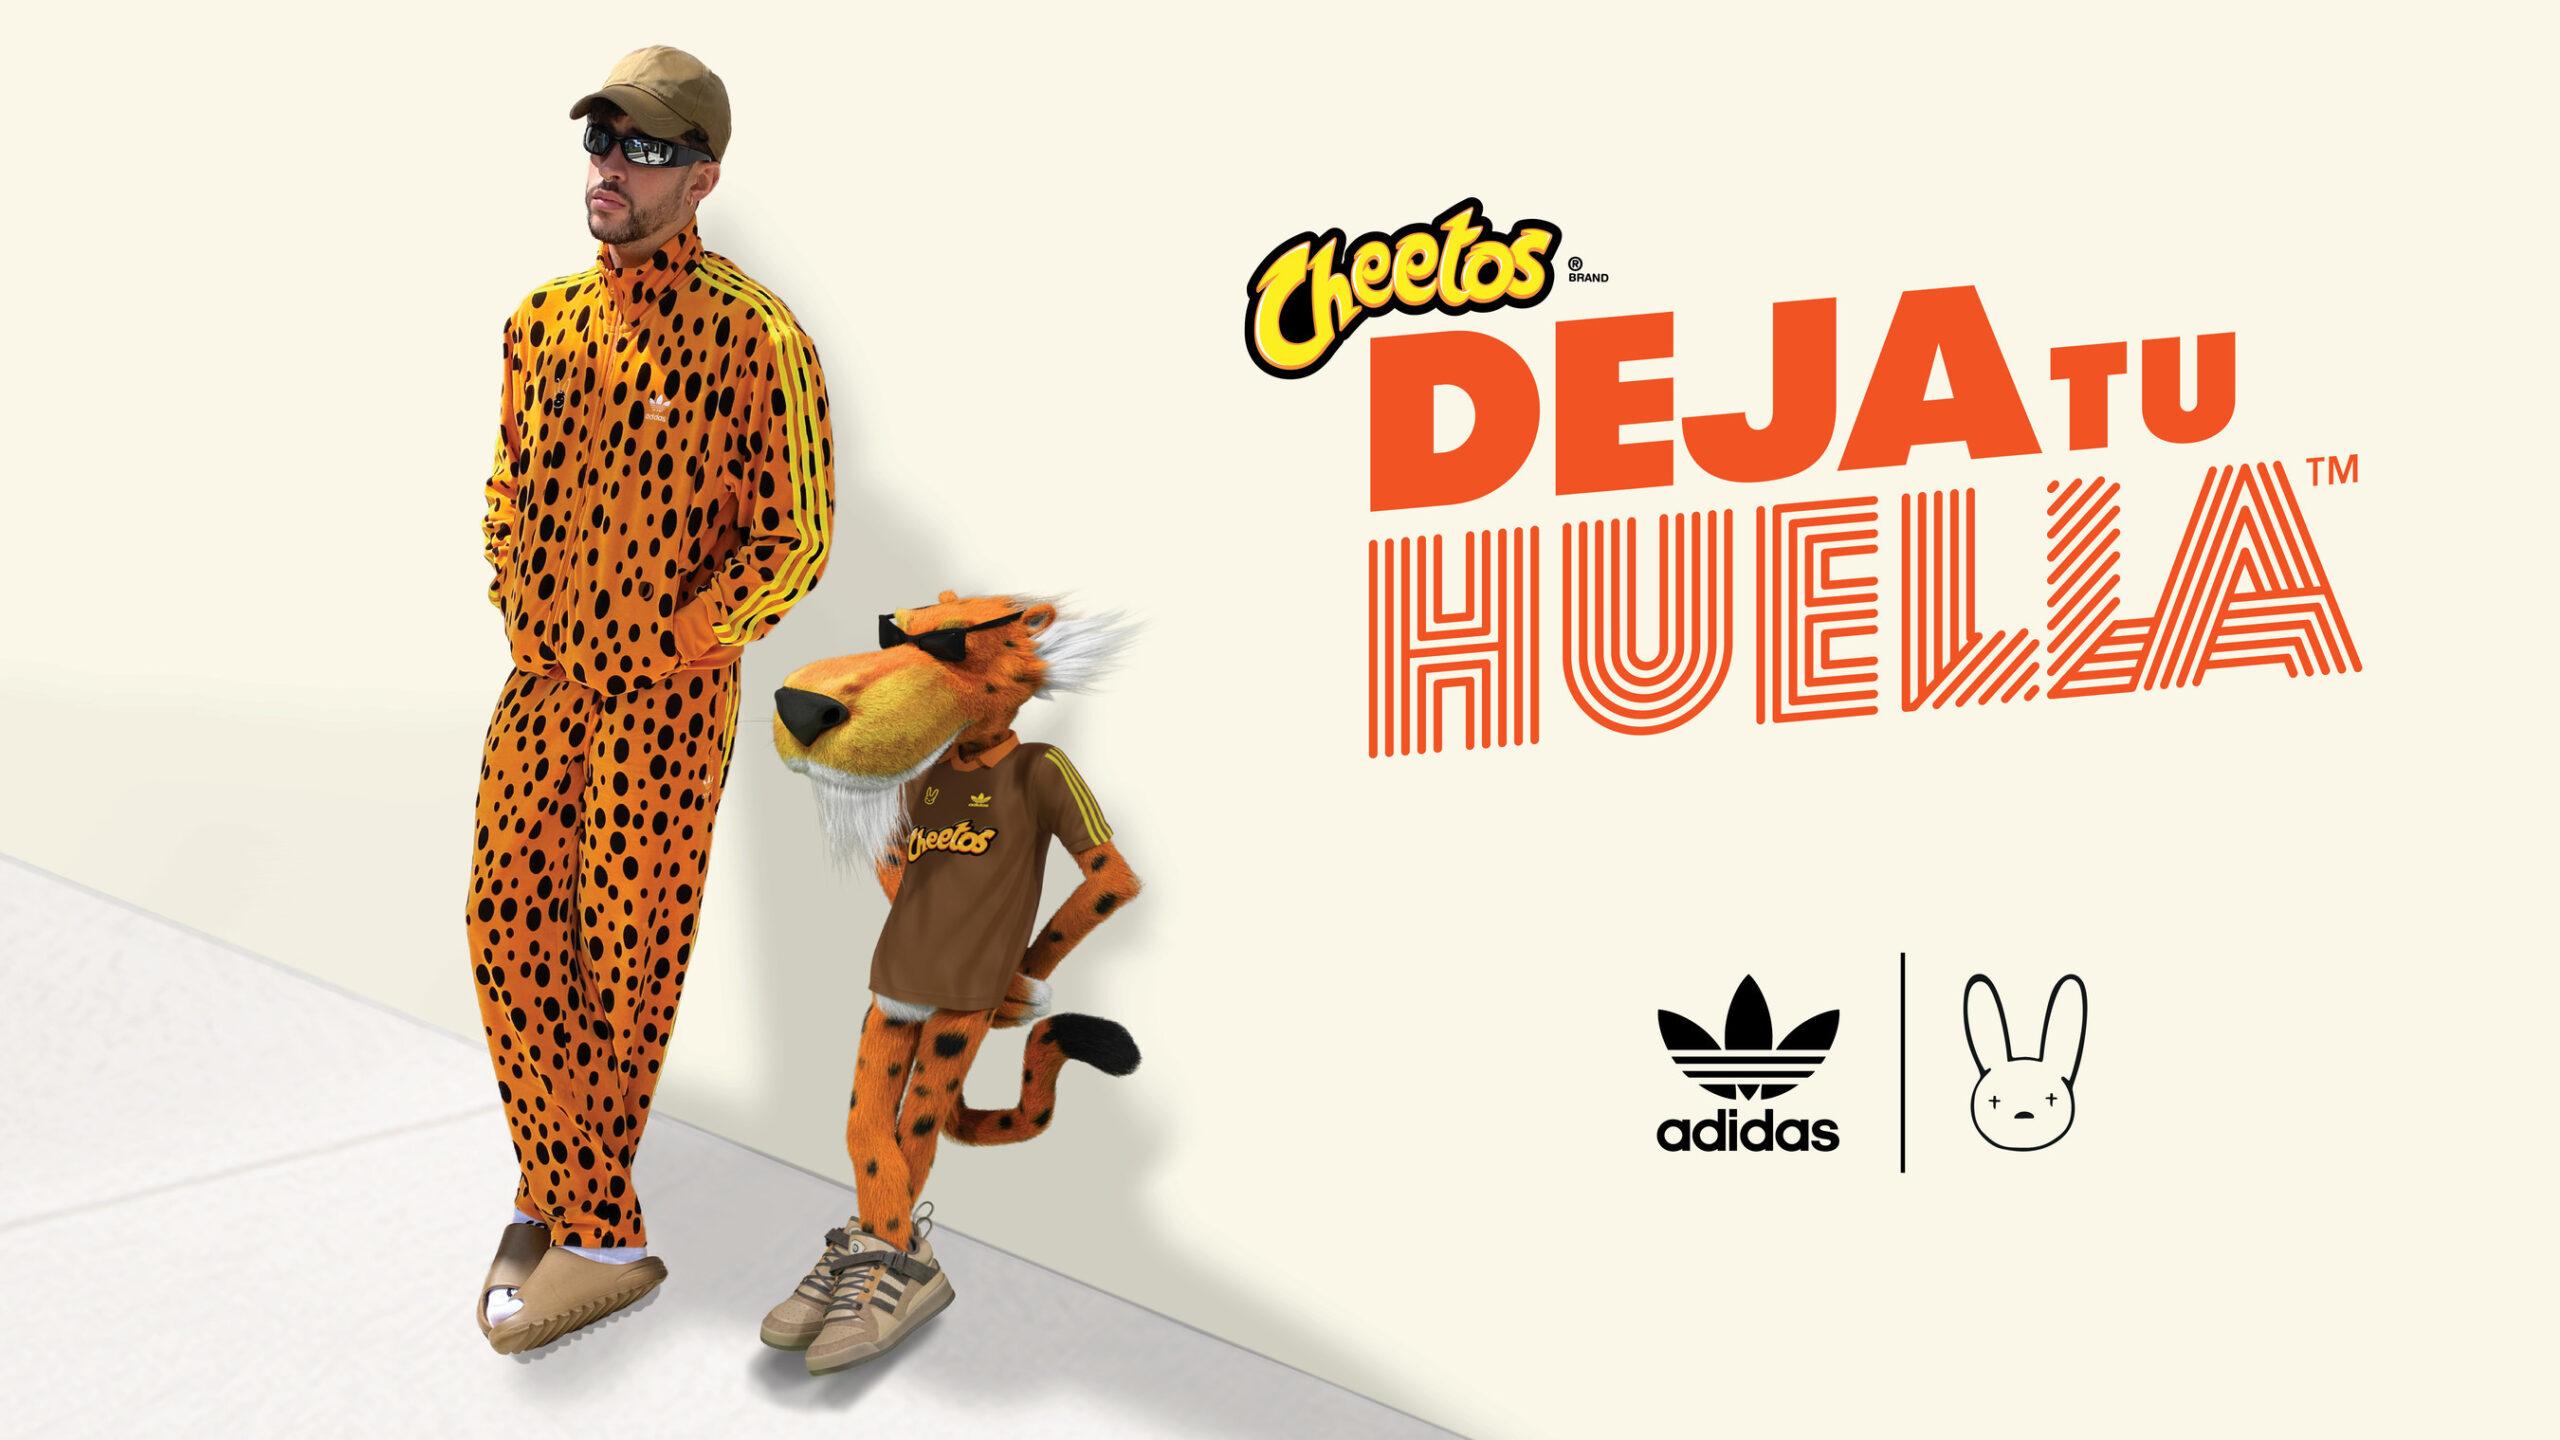 Cheetos y Bad Bunny lanzan exclusiva colección de moda junto a Adidas, invitando a fans a Dejar su Huella